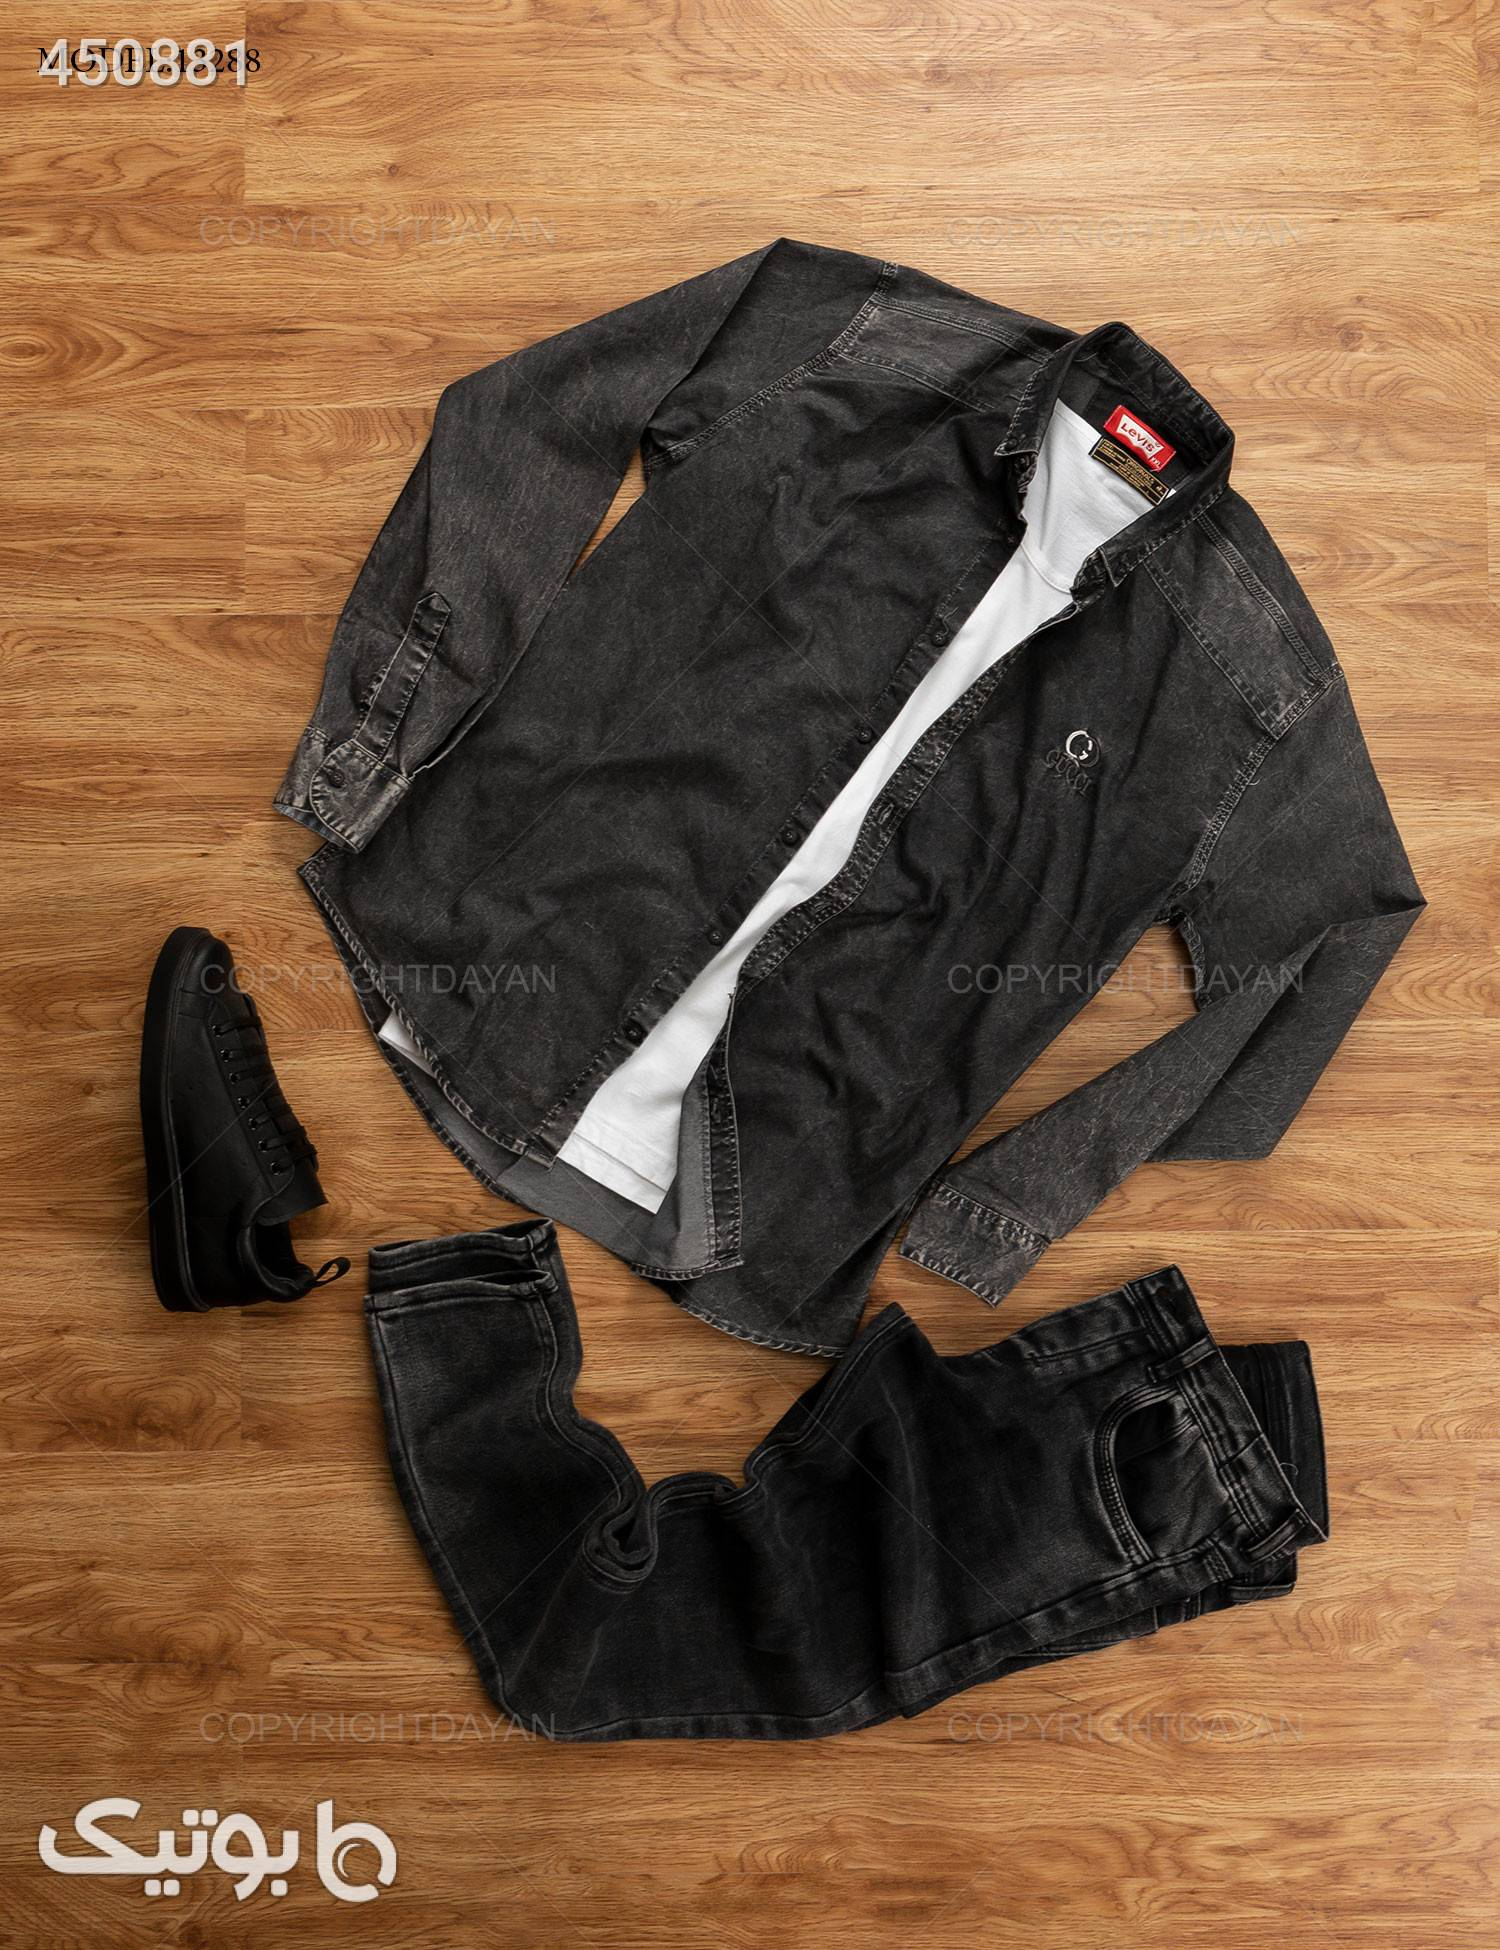 پیراهن مردانه Gucci مدل  13288 طوسی پيراهن مردانه